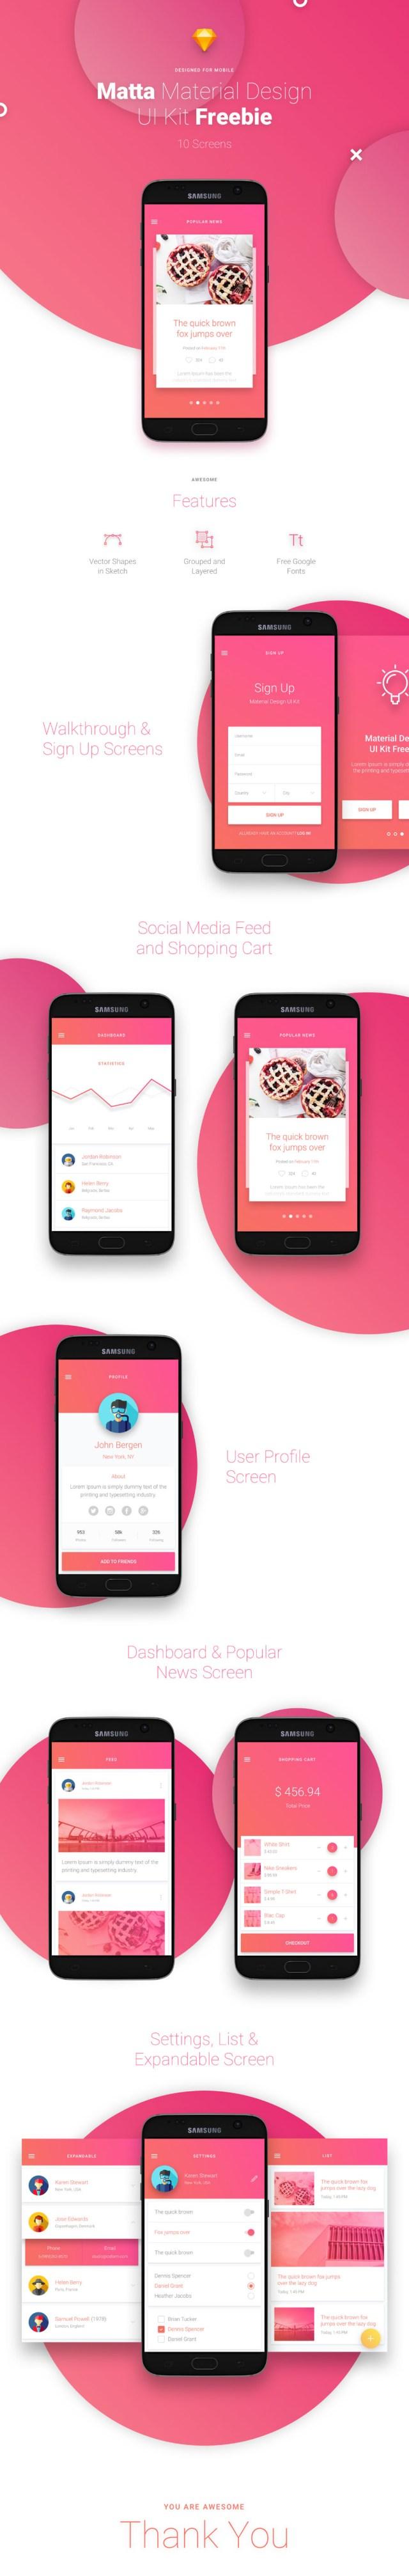 Matta Mobile UI Kit Free Version